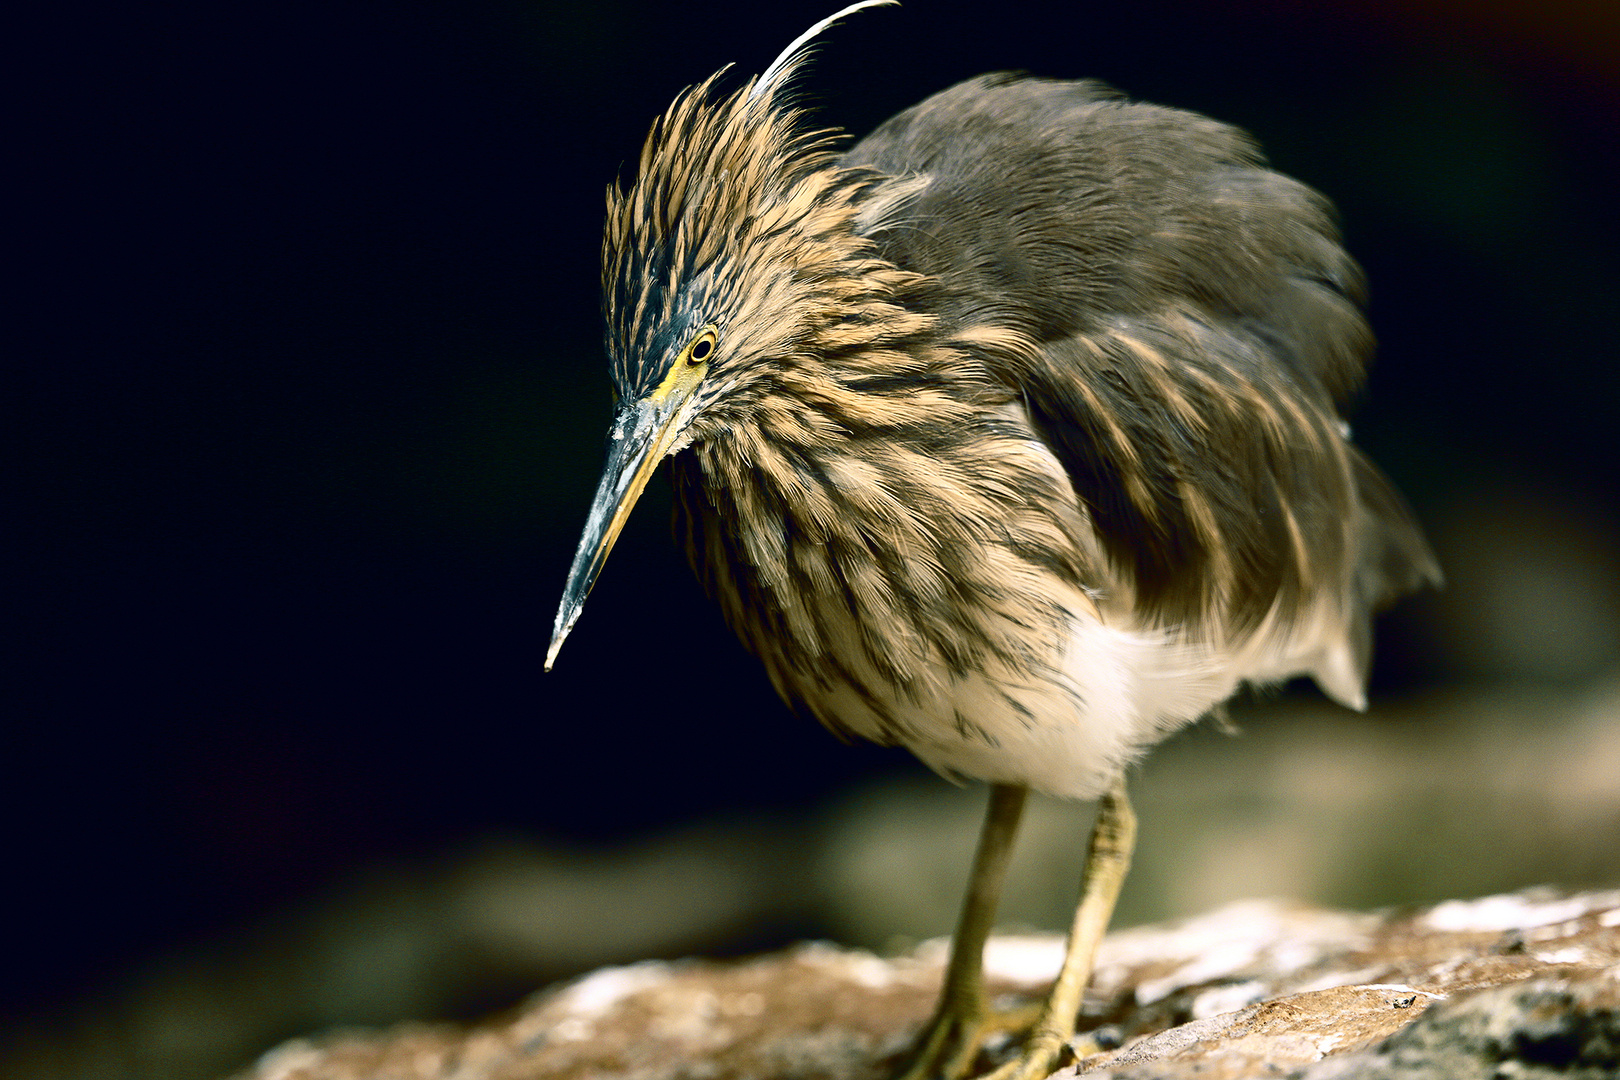 Der neugierige Vogel